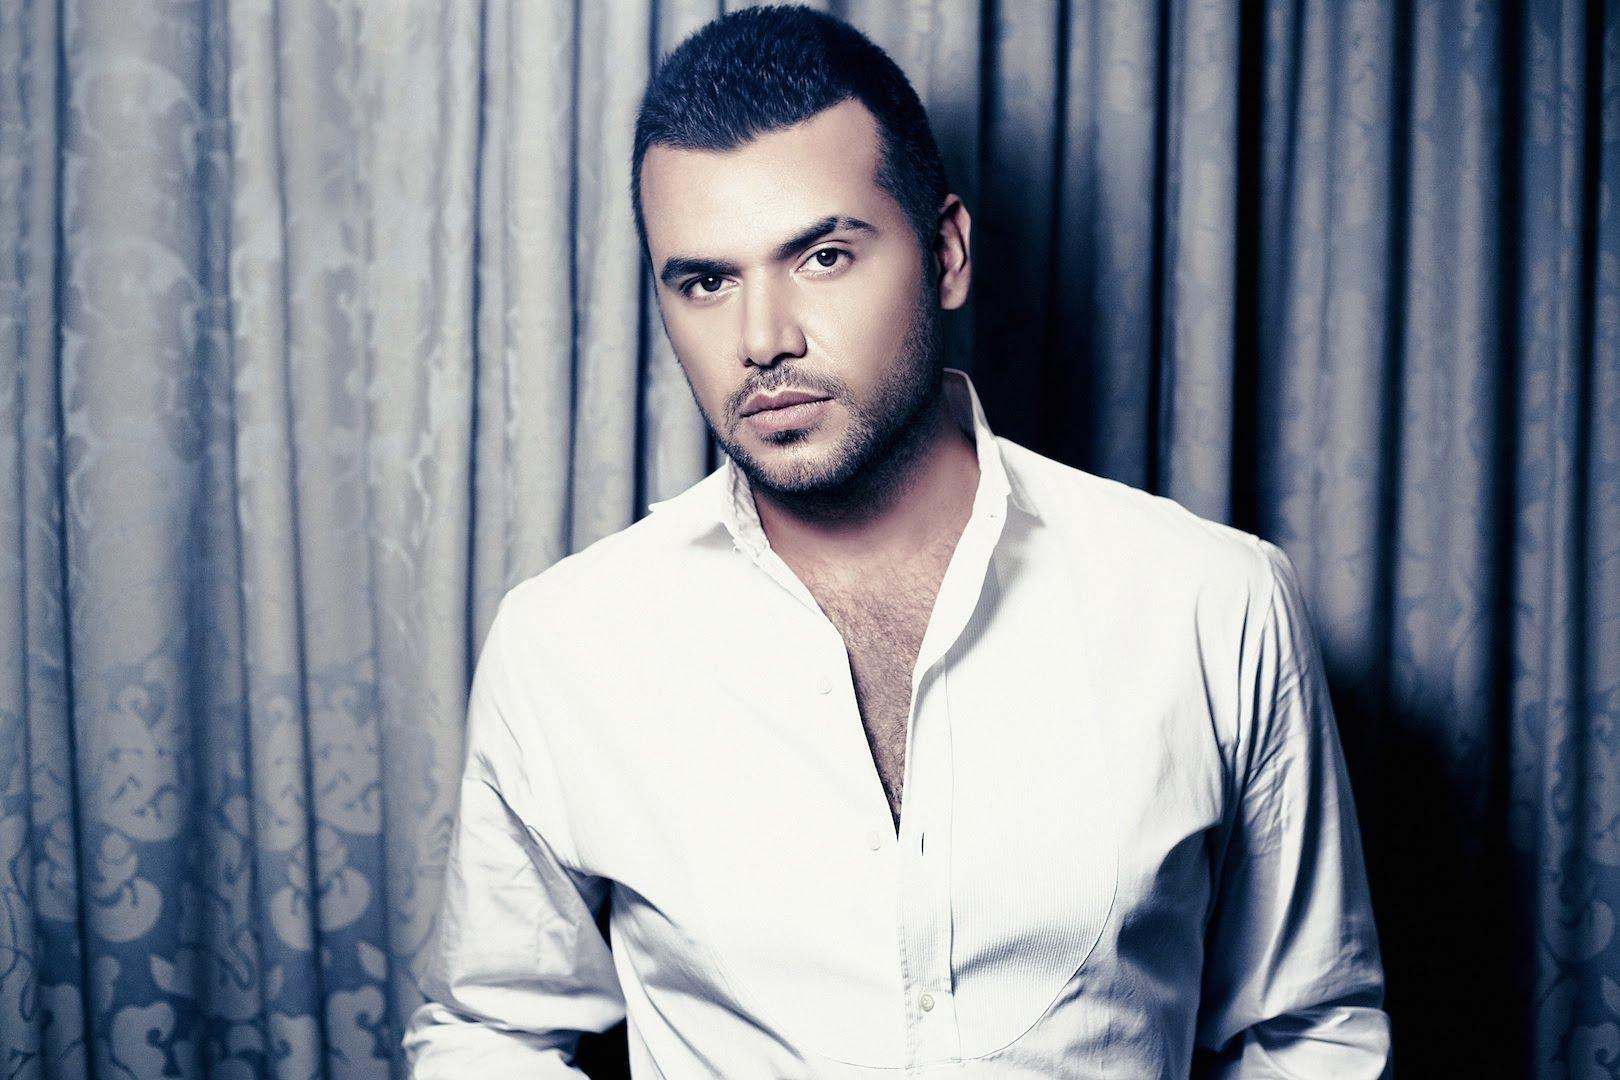 حفل المغني السوري سامو زين في رأس الخيمة